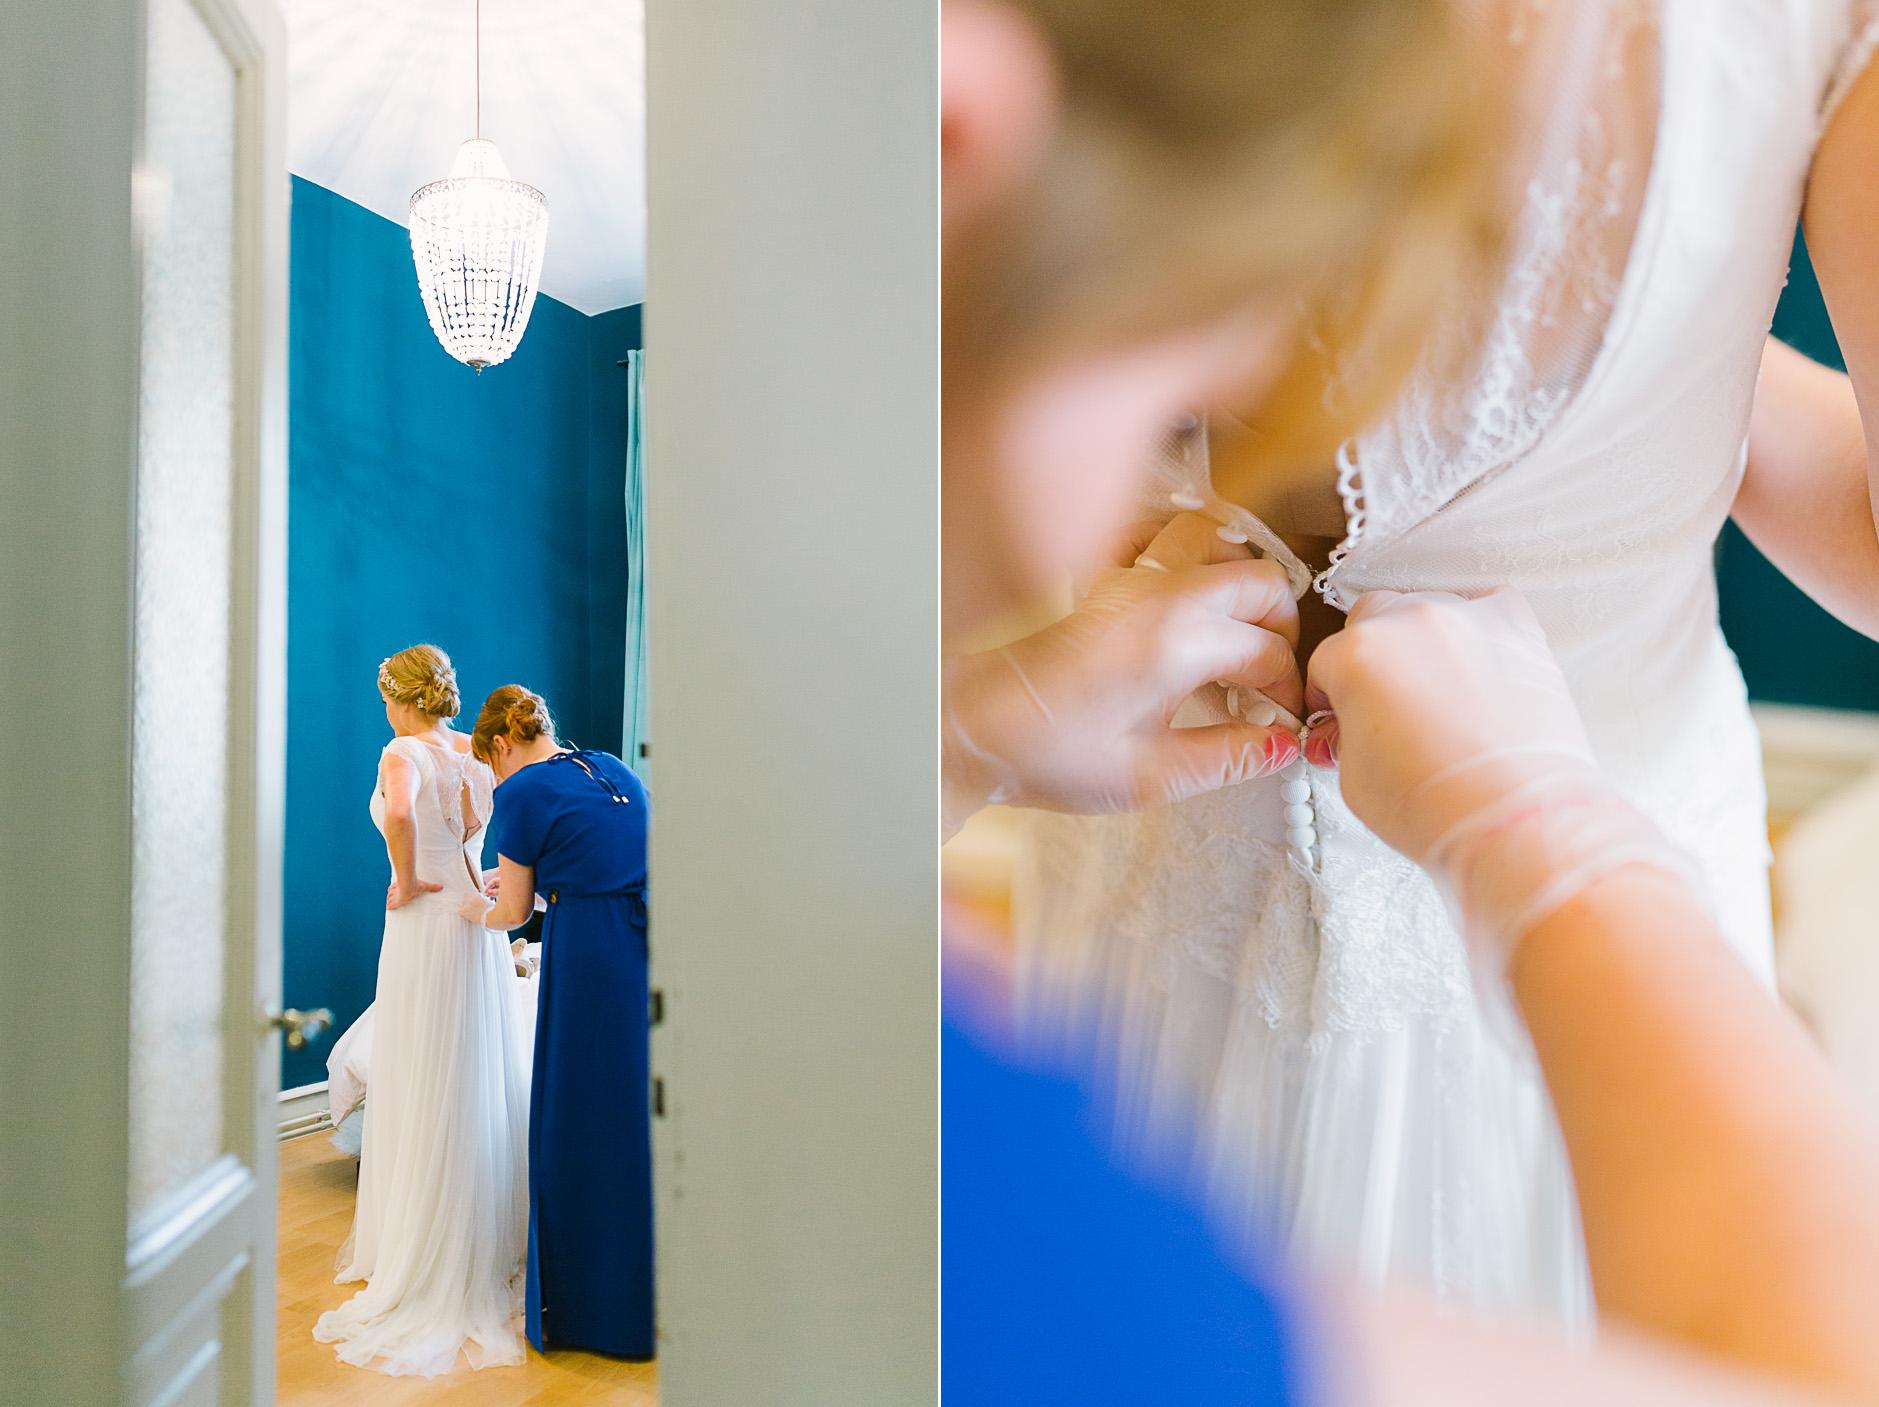 Hochzeitsfotograf Le Hai Linh Koeln Duesseldorf Bonn Zirkushochzeit Vintagehochzeit Sommerhochzeit 028.jpg